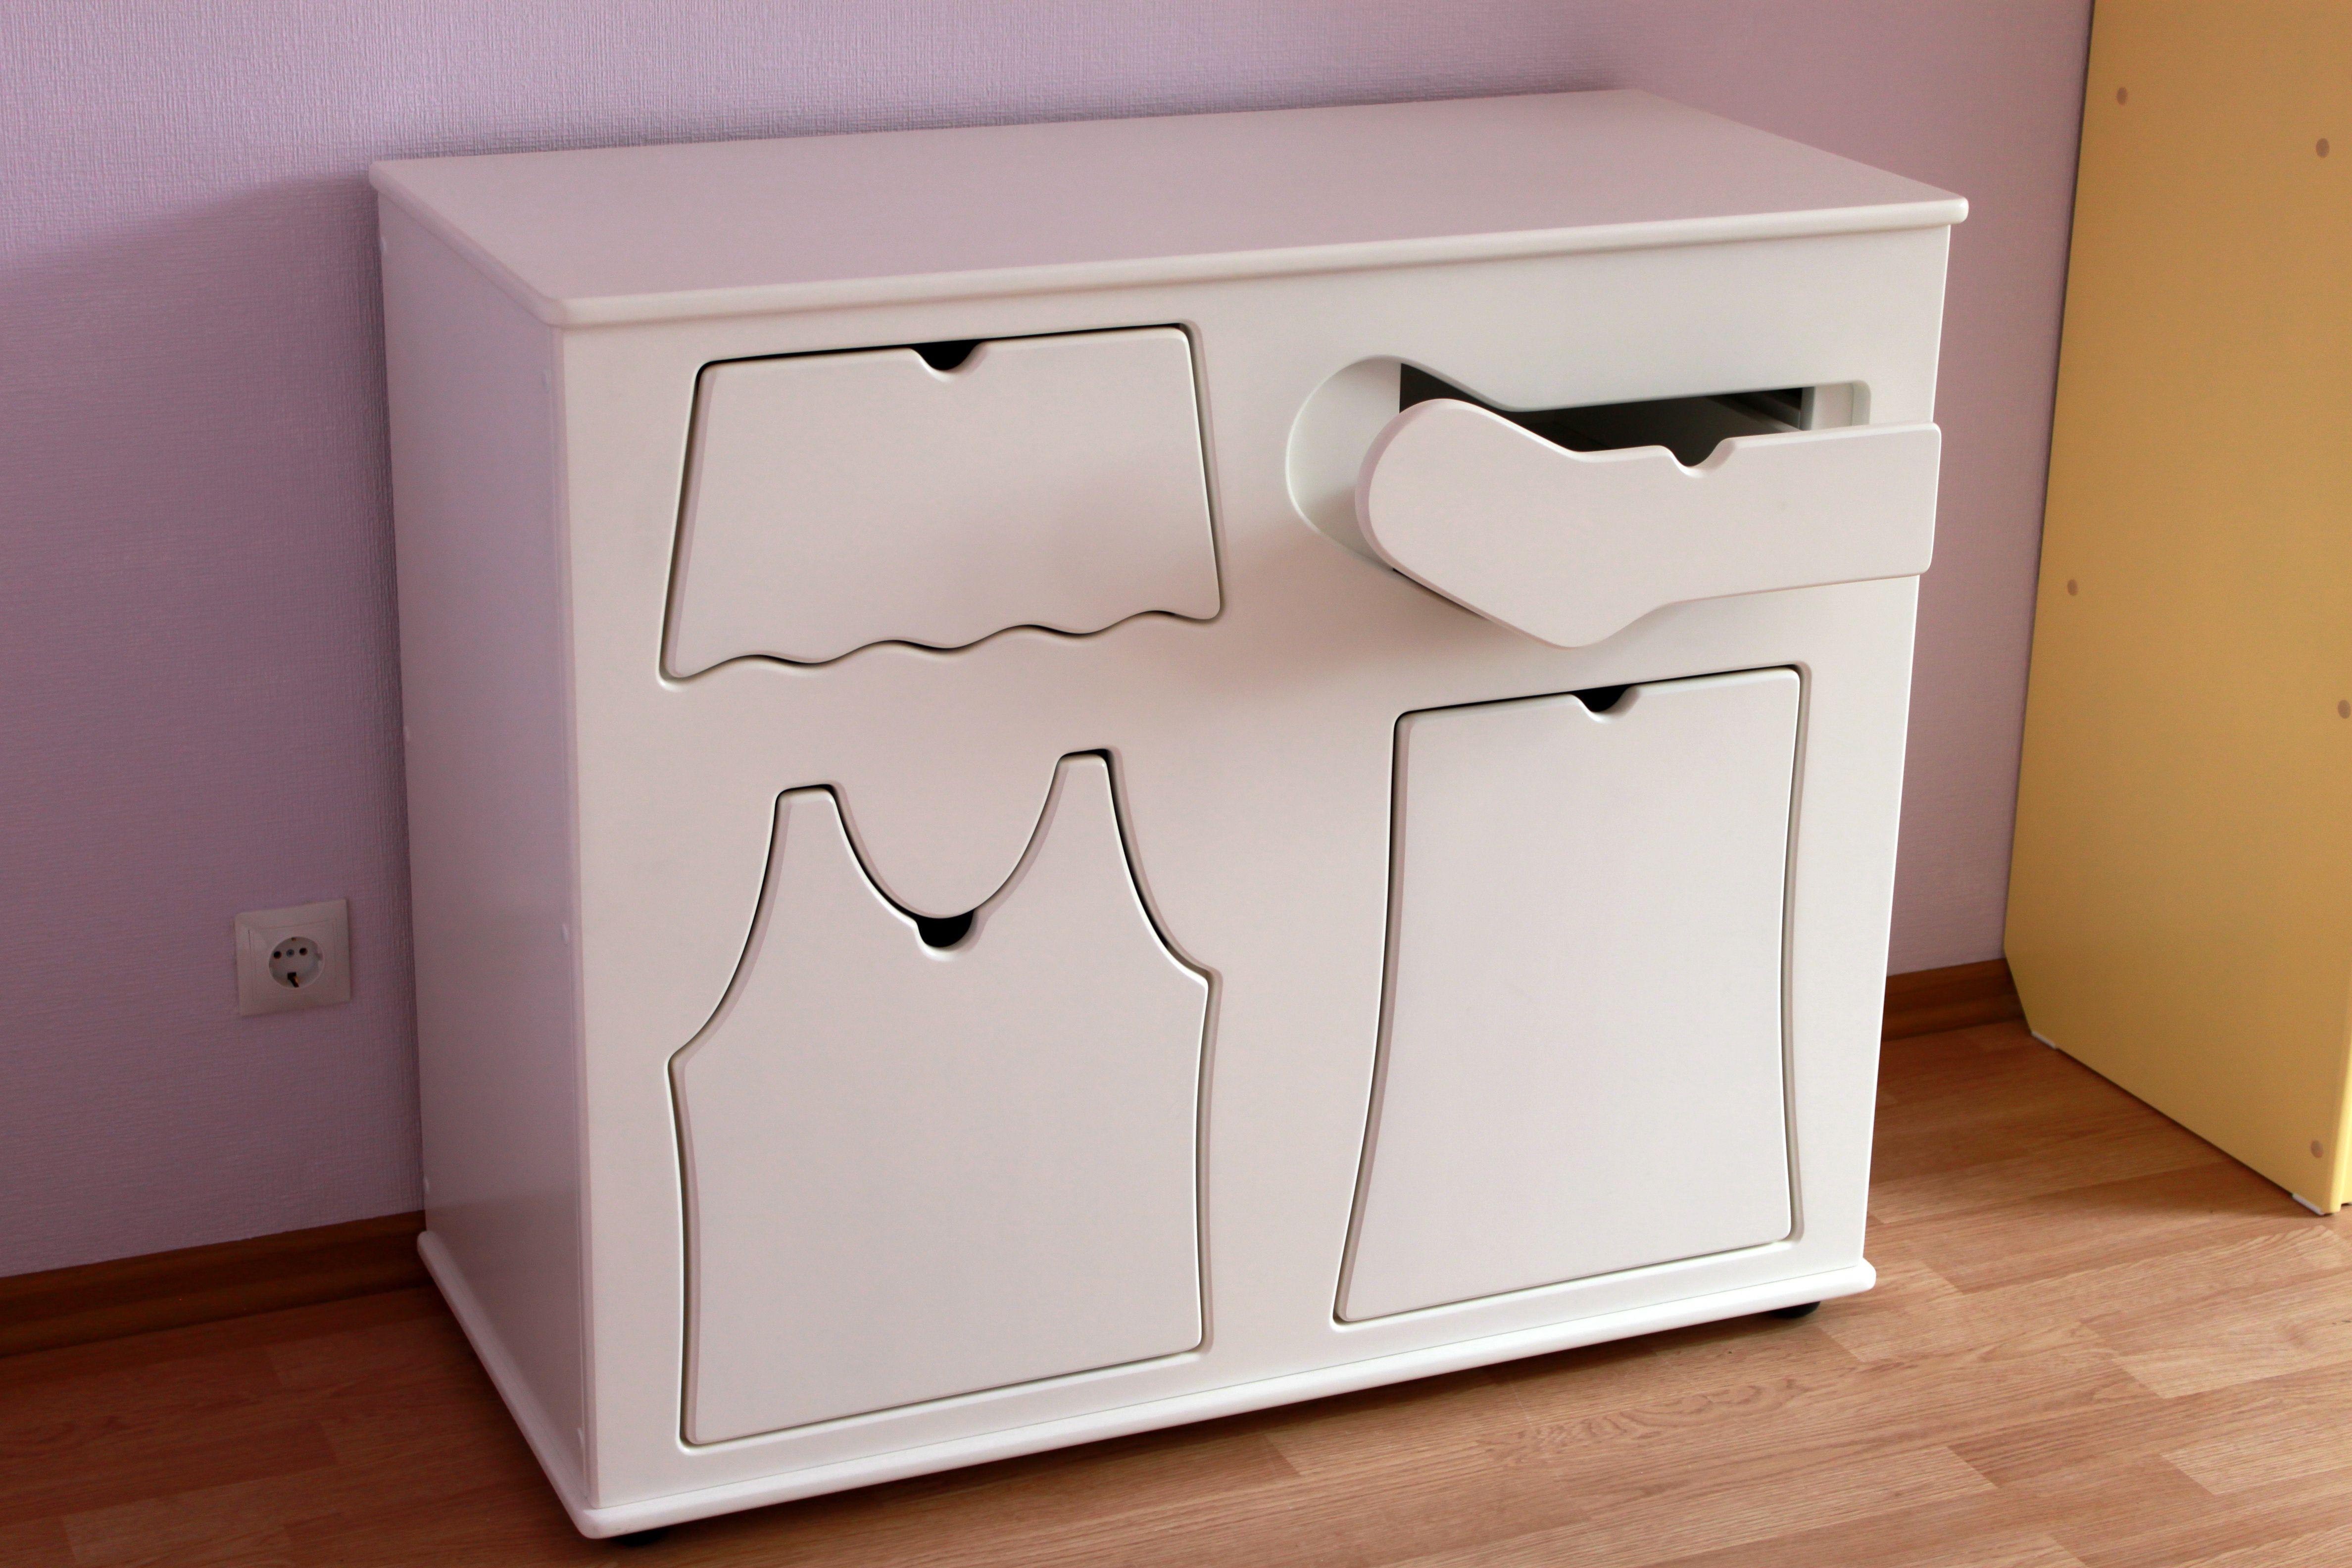 детская порядок интерьер мебель комод